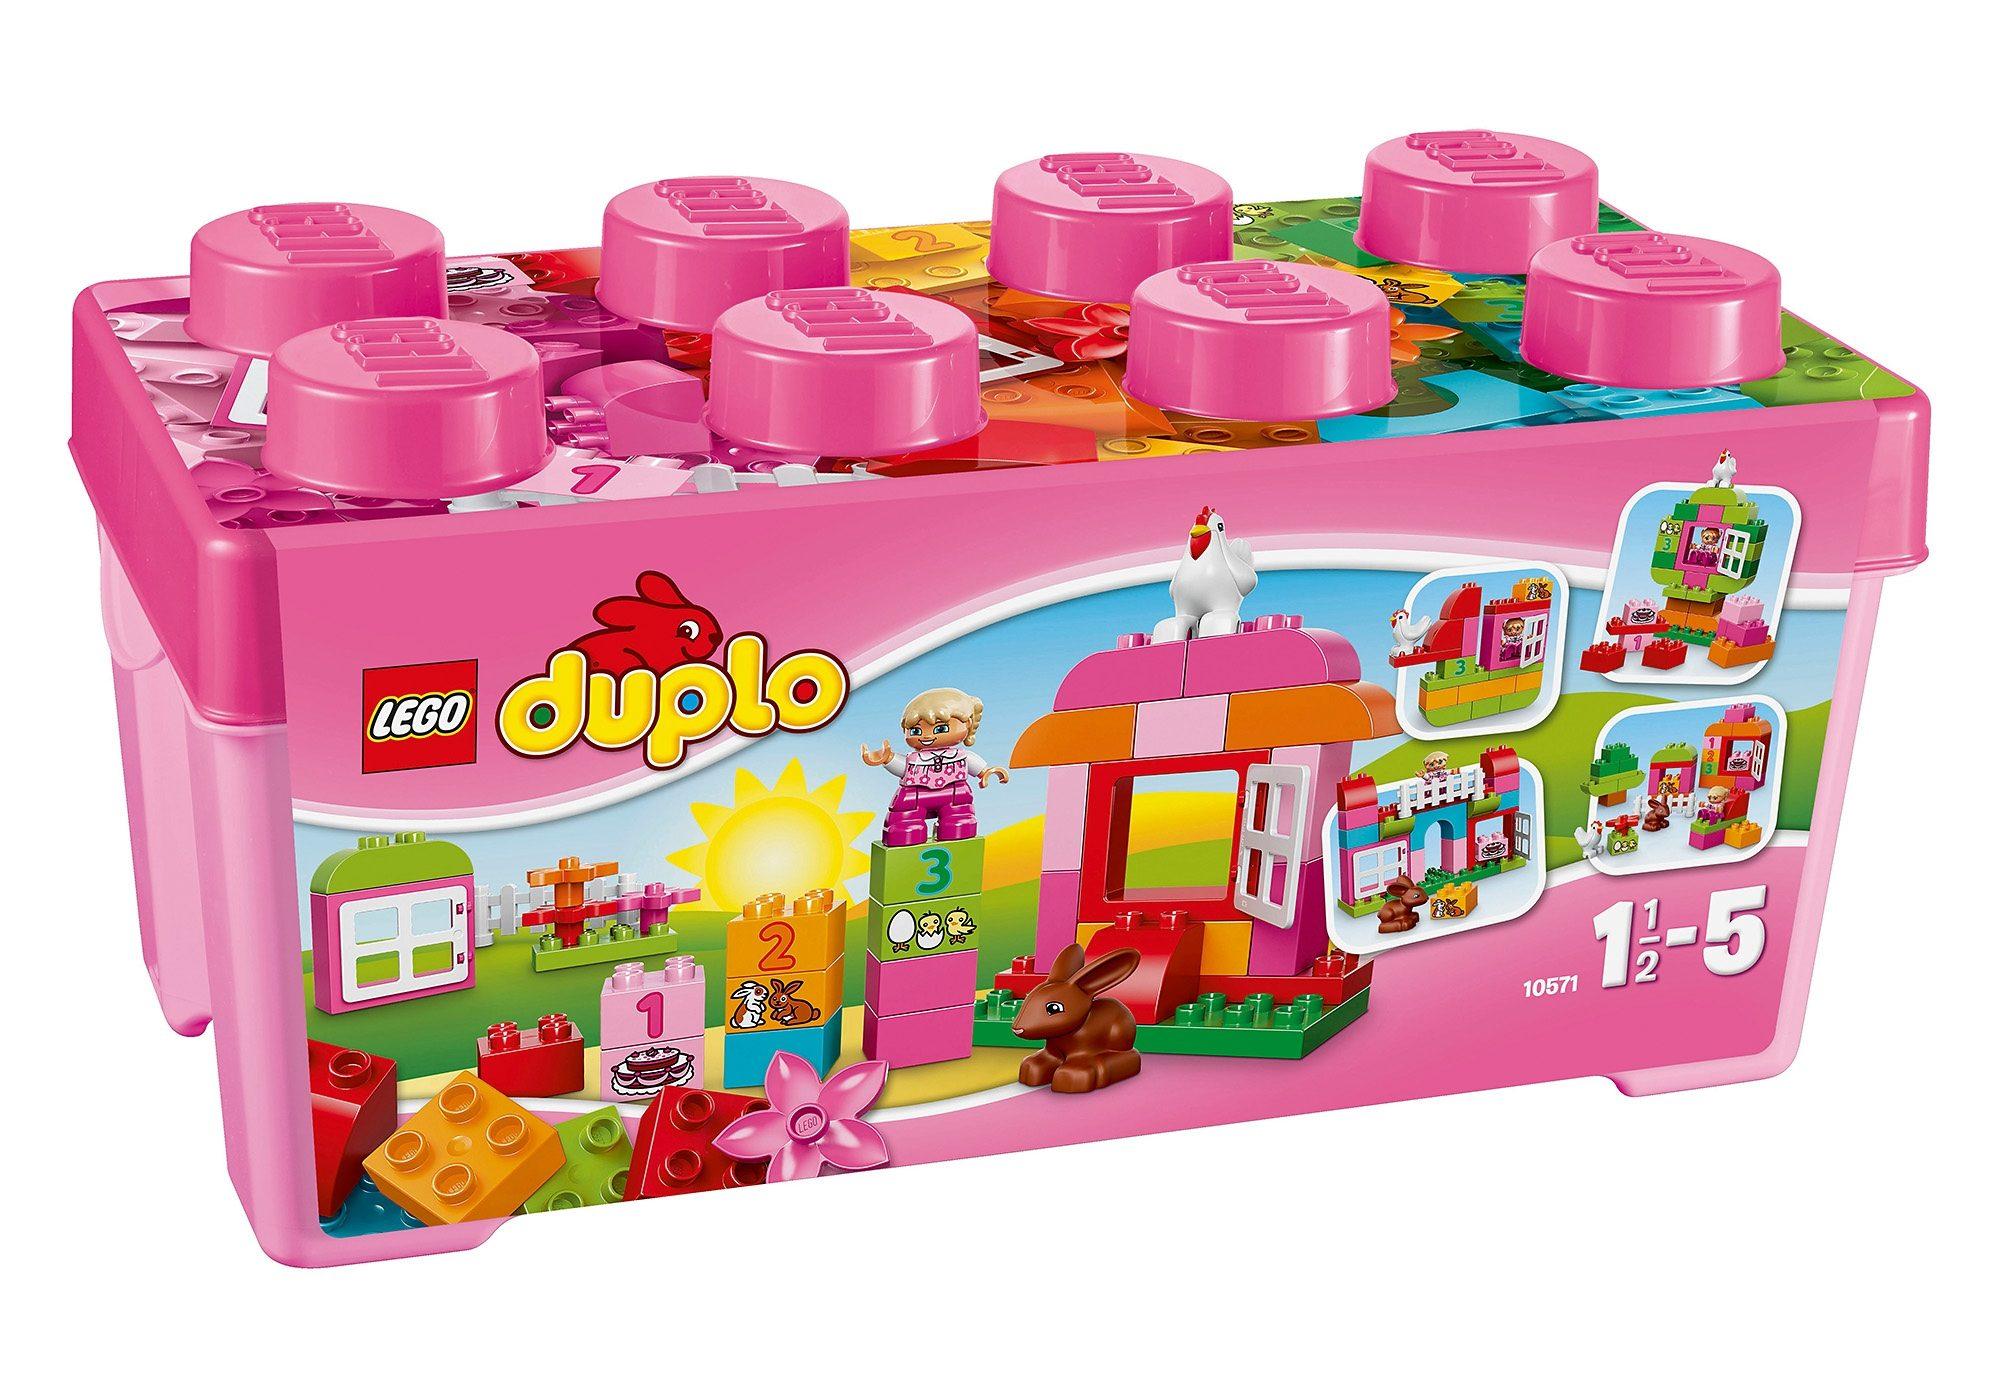 LEGO®, Große Steinebox Mädchen (10571), Lego Duplo